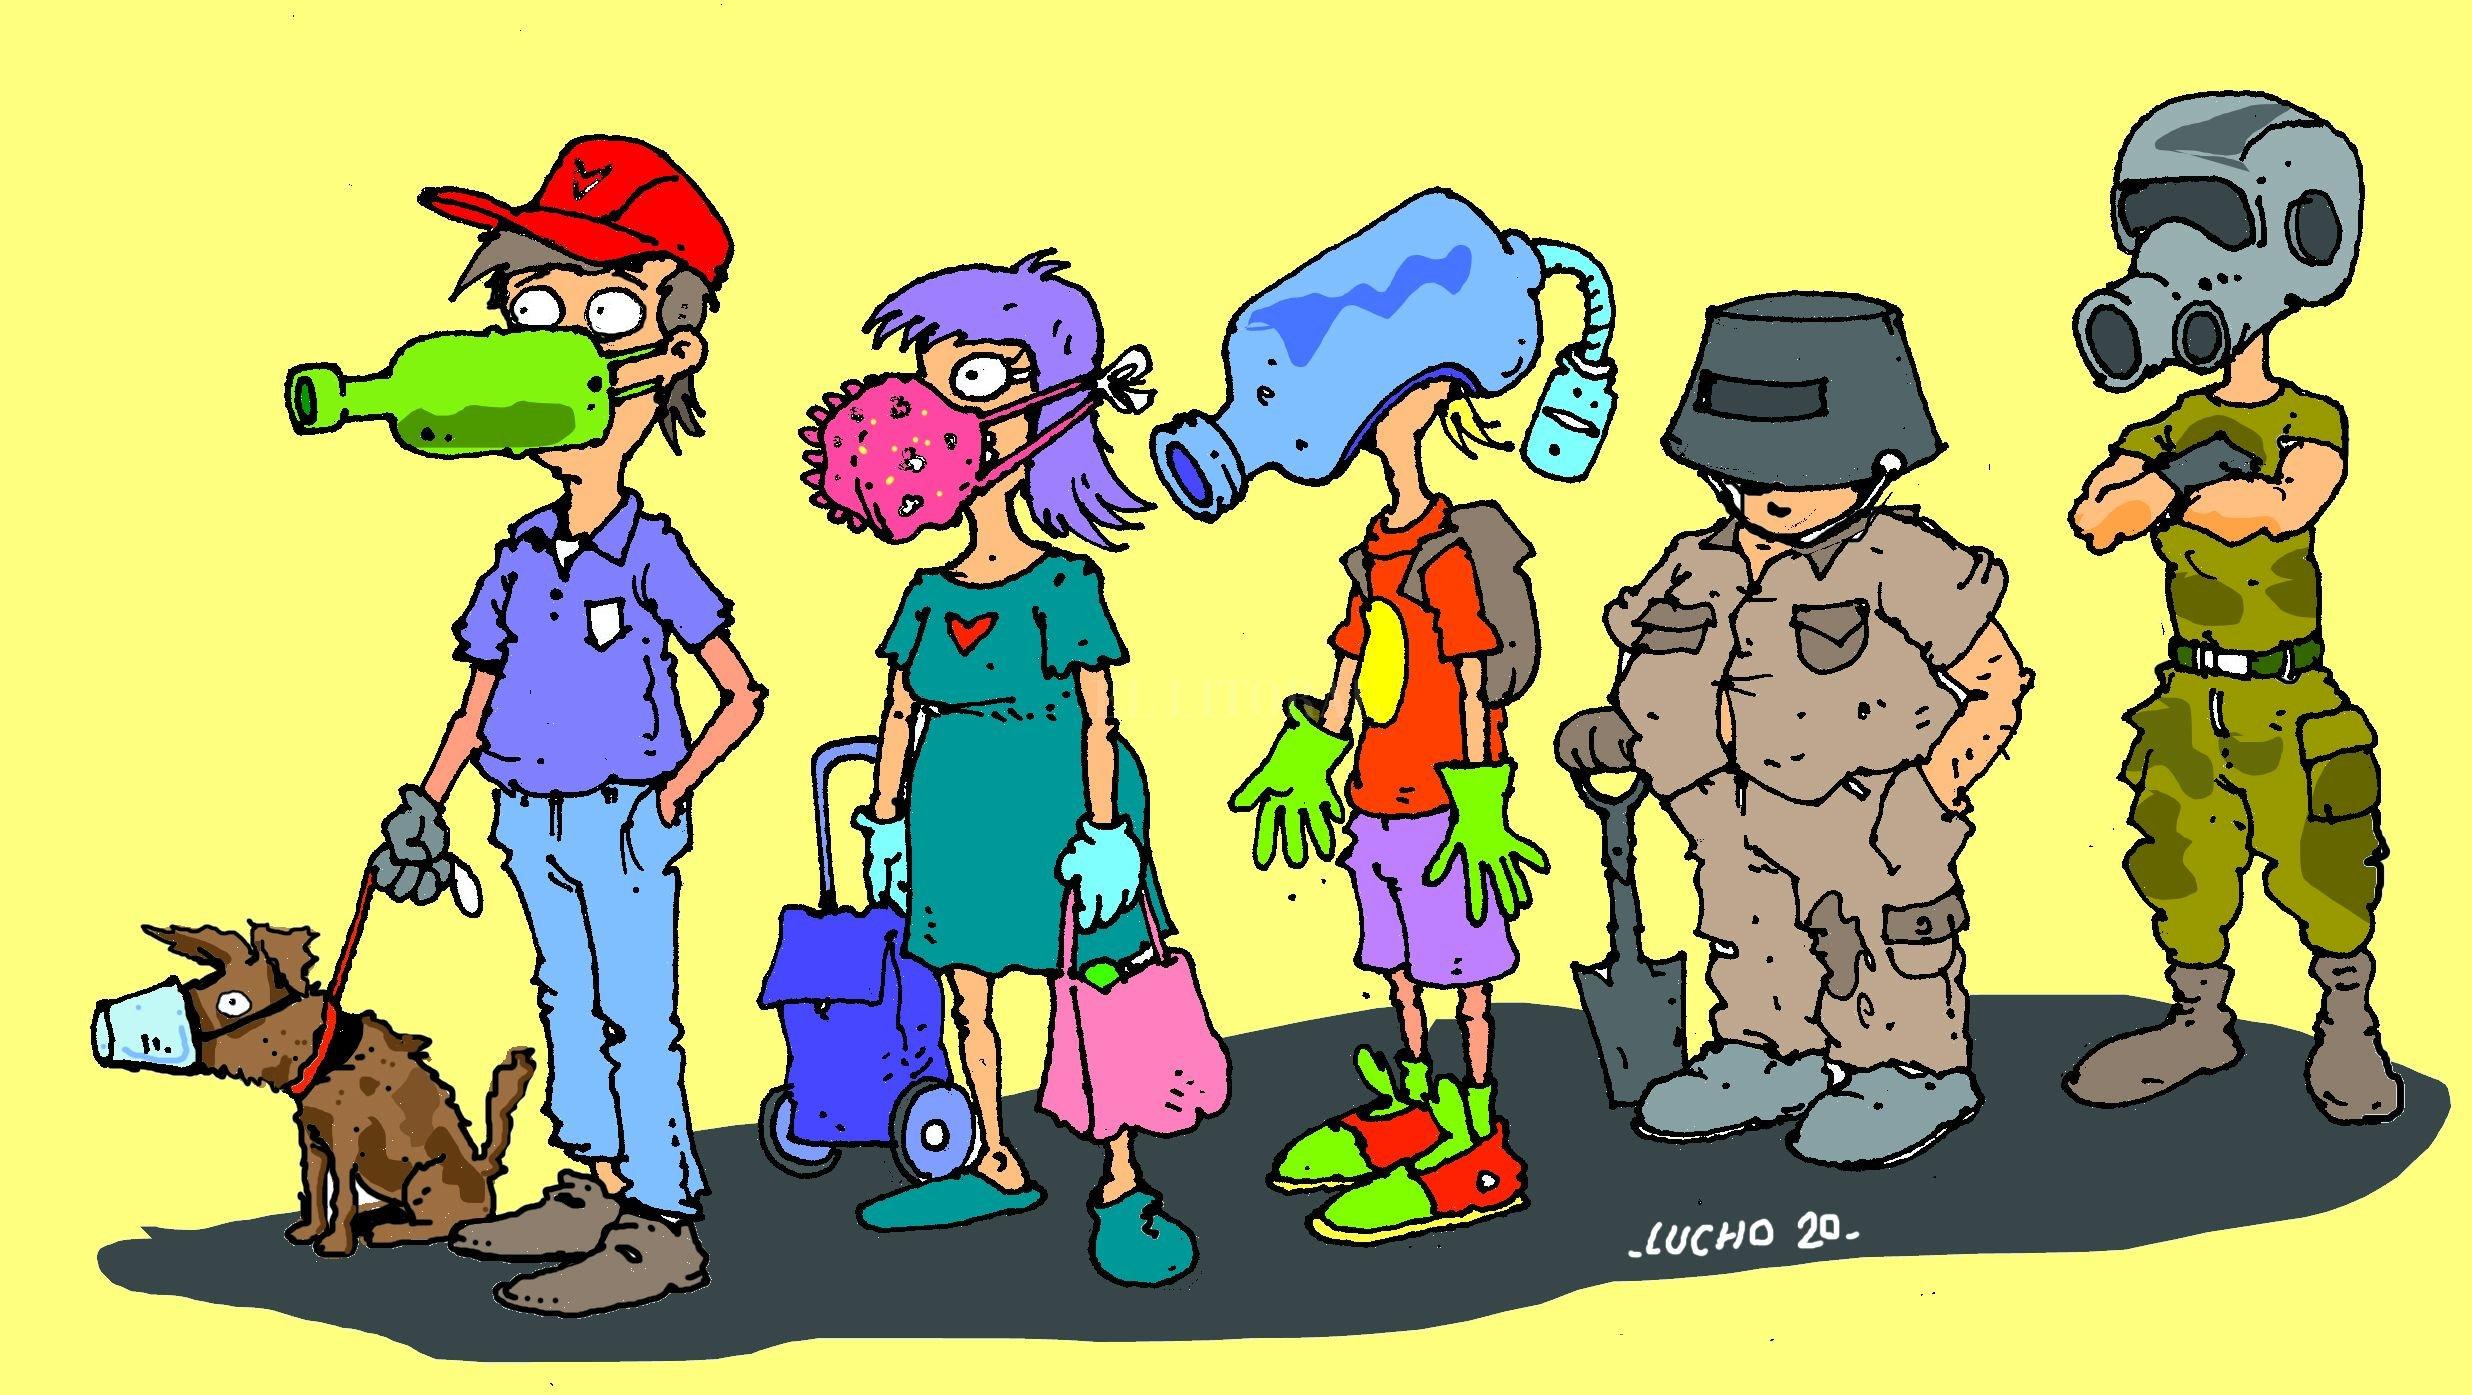 Barbijos, tapabocas y máscaras. La imaginación creativa al poder, para poder estar mejor. Crédito: Ilustración Luis Dlugozewski